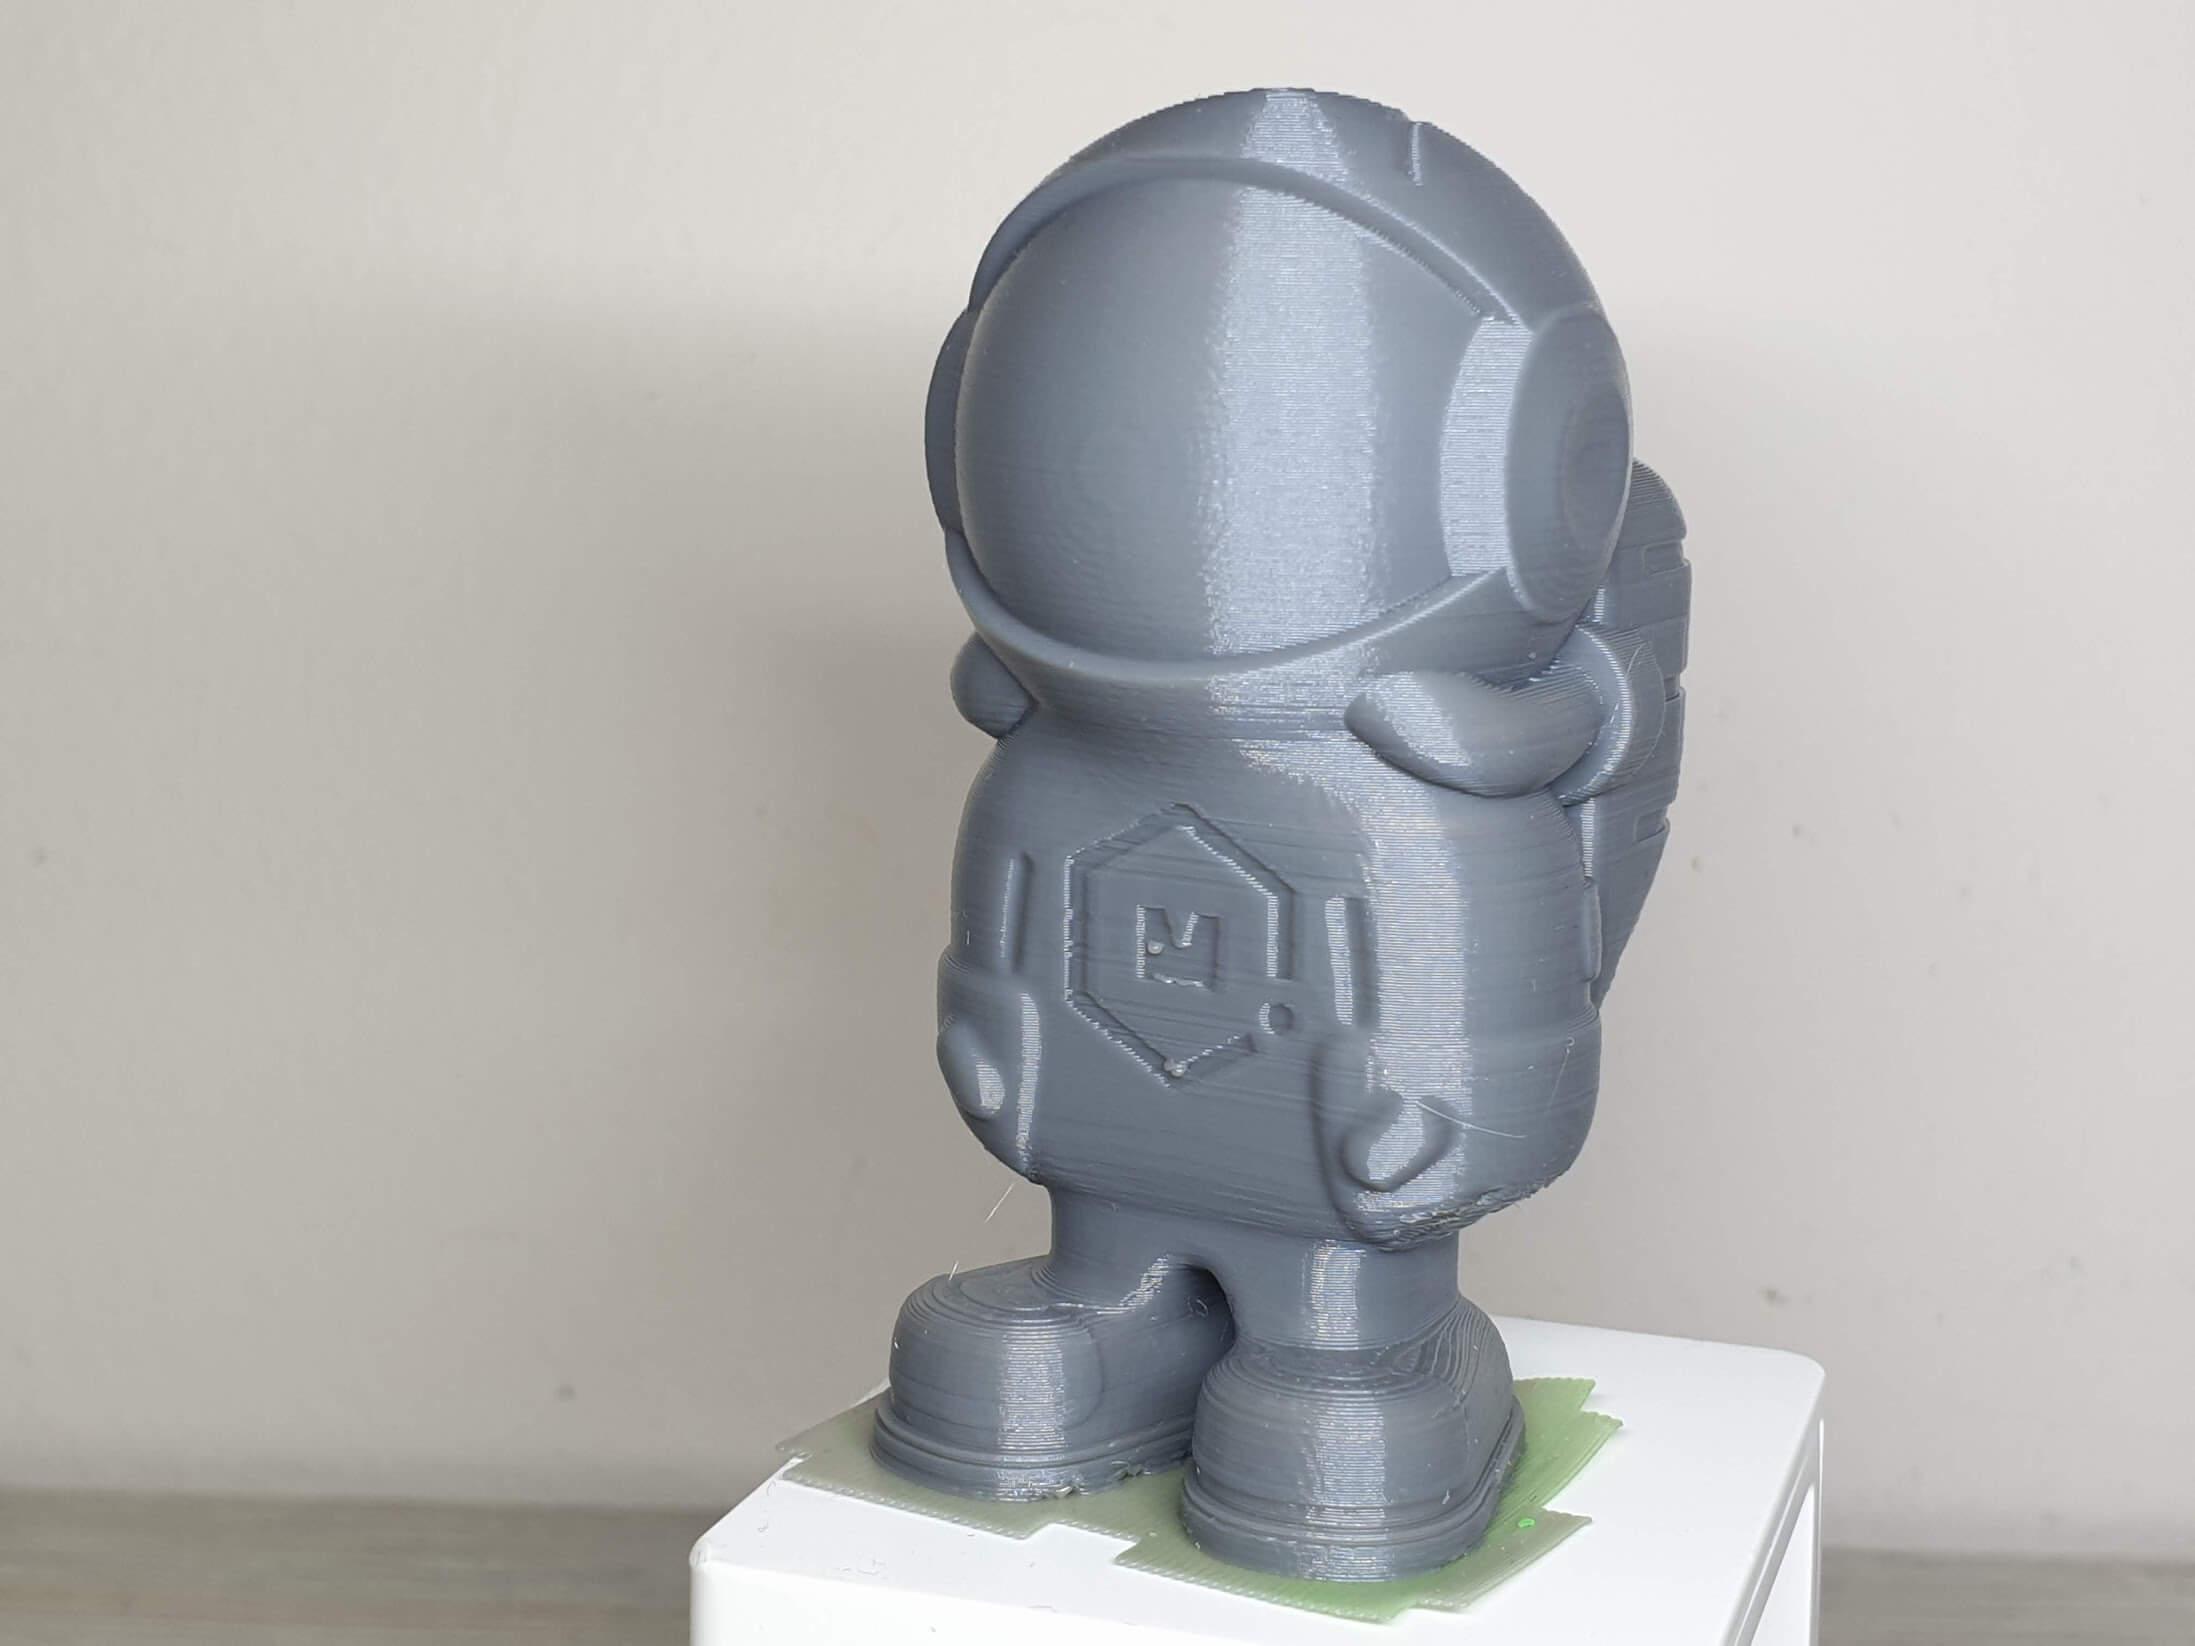 Phil A Ment Take 2 Longer Cube2 Mini 1 | Cube2 Mini Review - 3D Printer for Kids